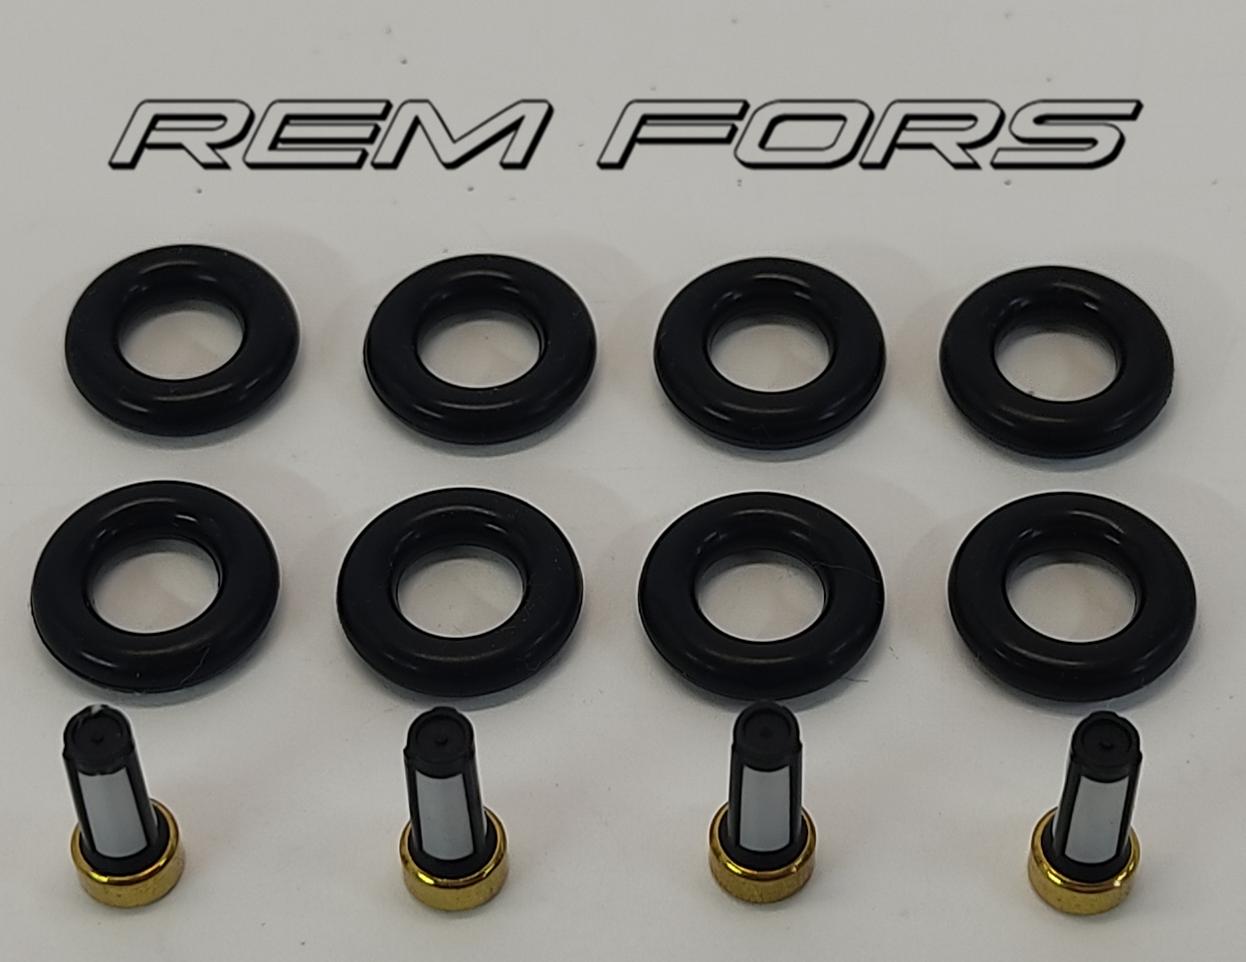 Ремкомплект форсунки 1.4 16V - 1.6 16V  FORD FOCUS I  98-04  ОЕ:98MFBA9F593, 98MF9F593BA, 98MF9F593BB, 98MF9F593BC